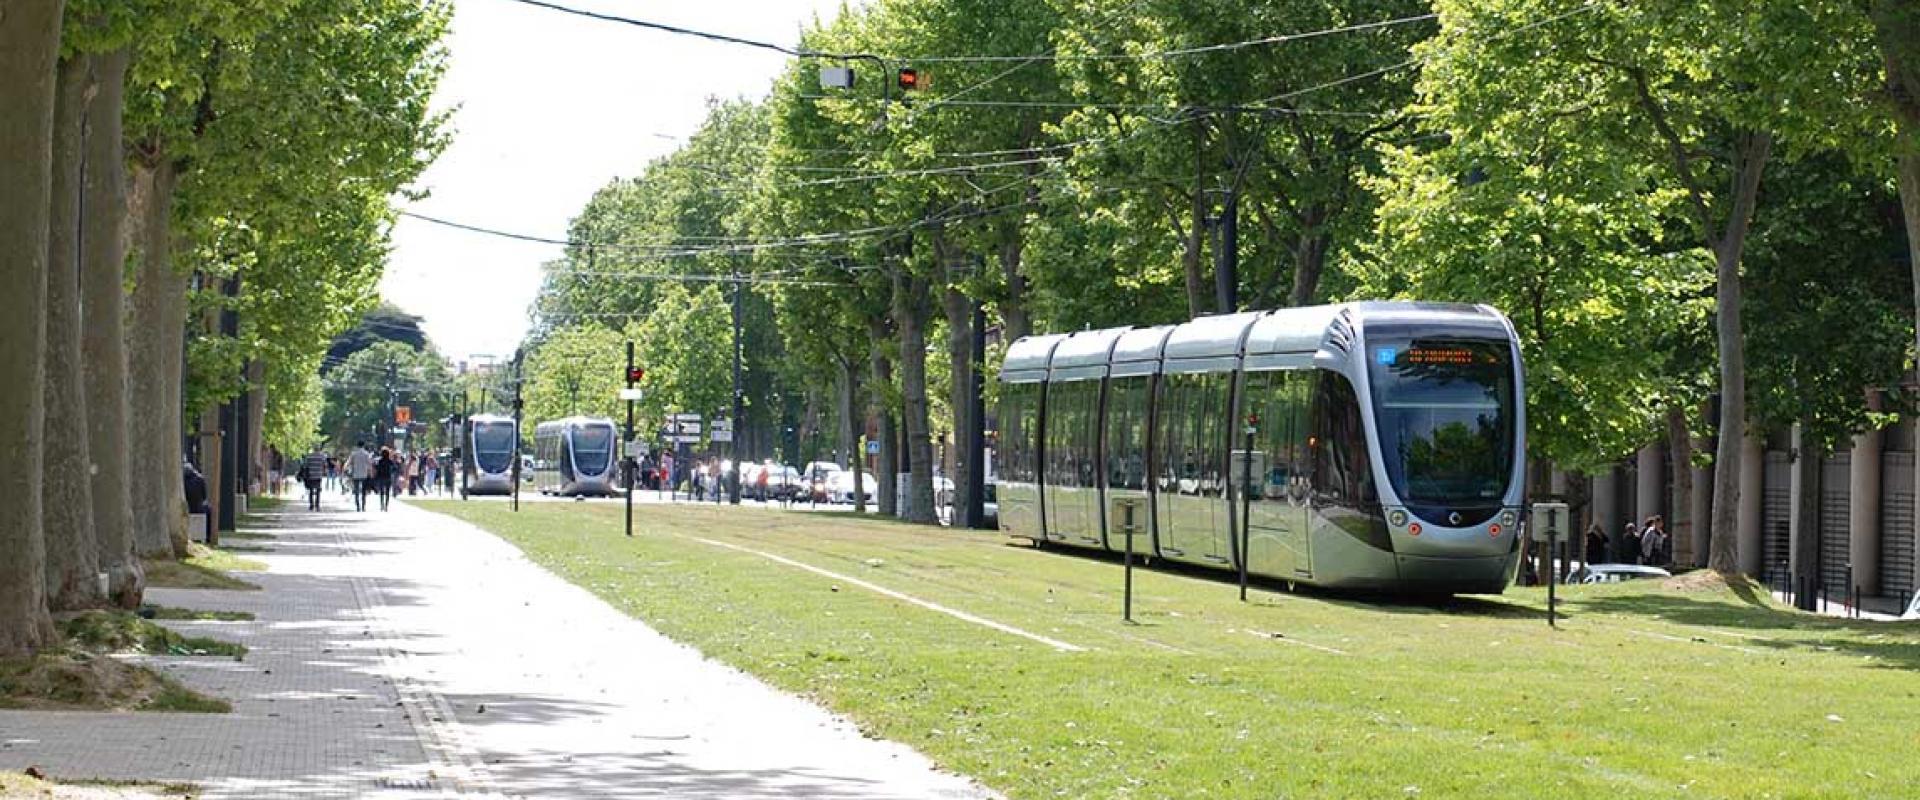 Se déplacer à Toulouse en transports en commun